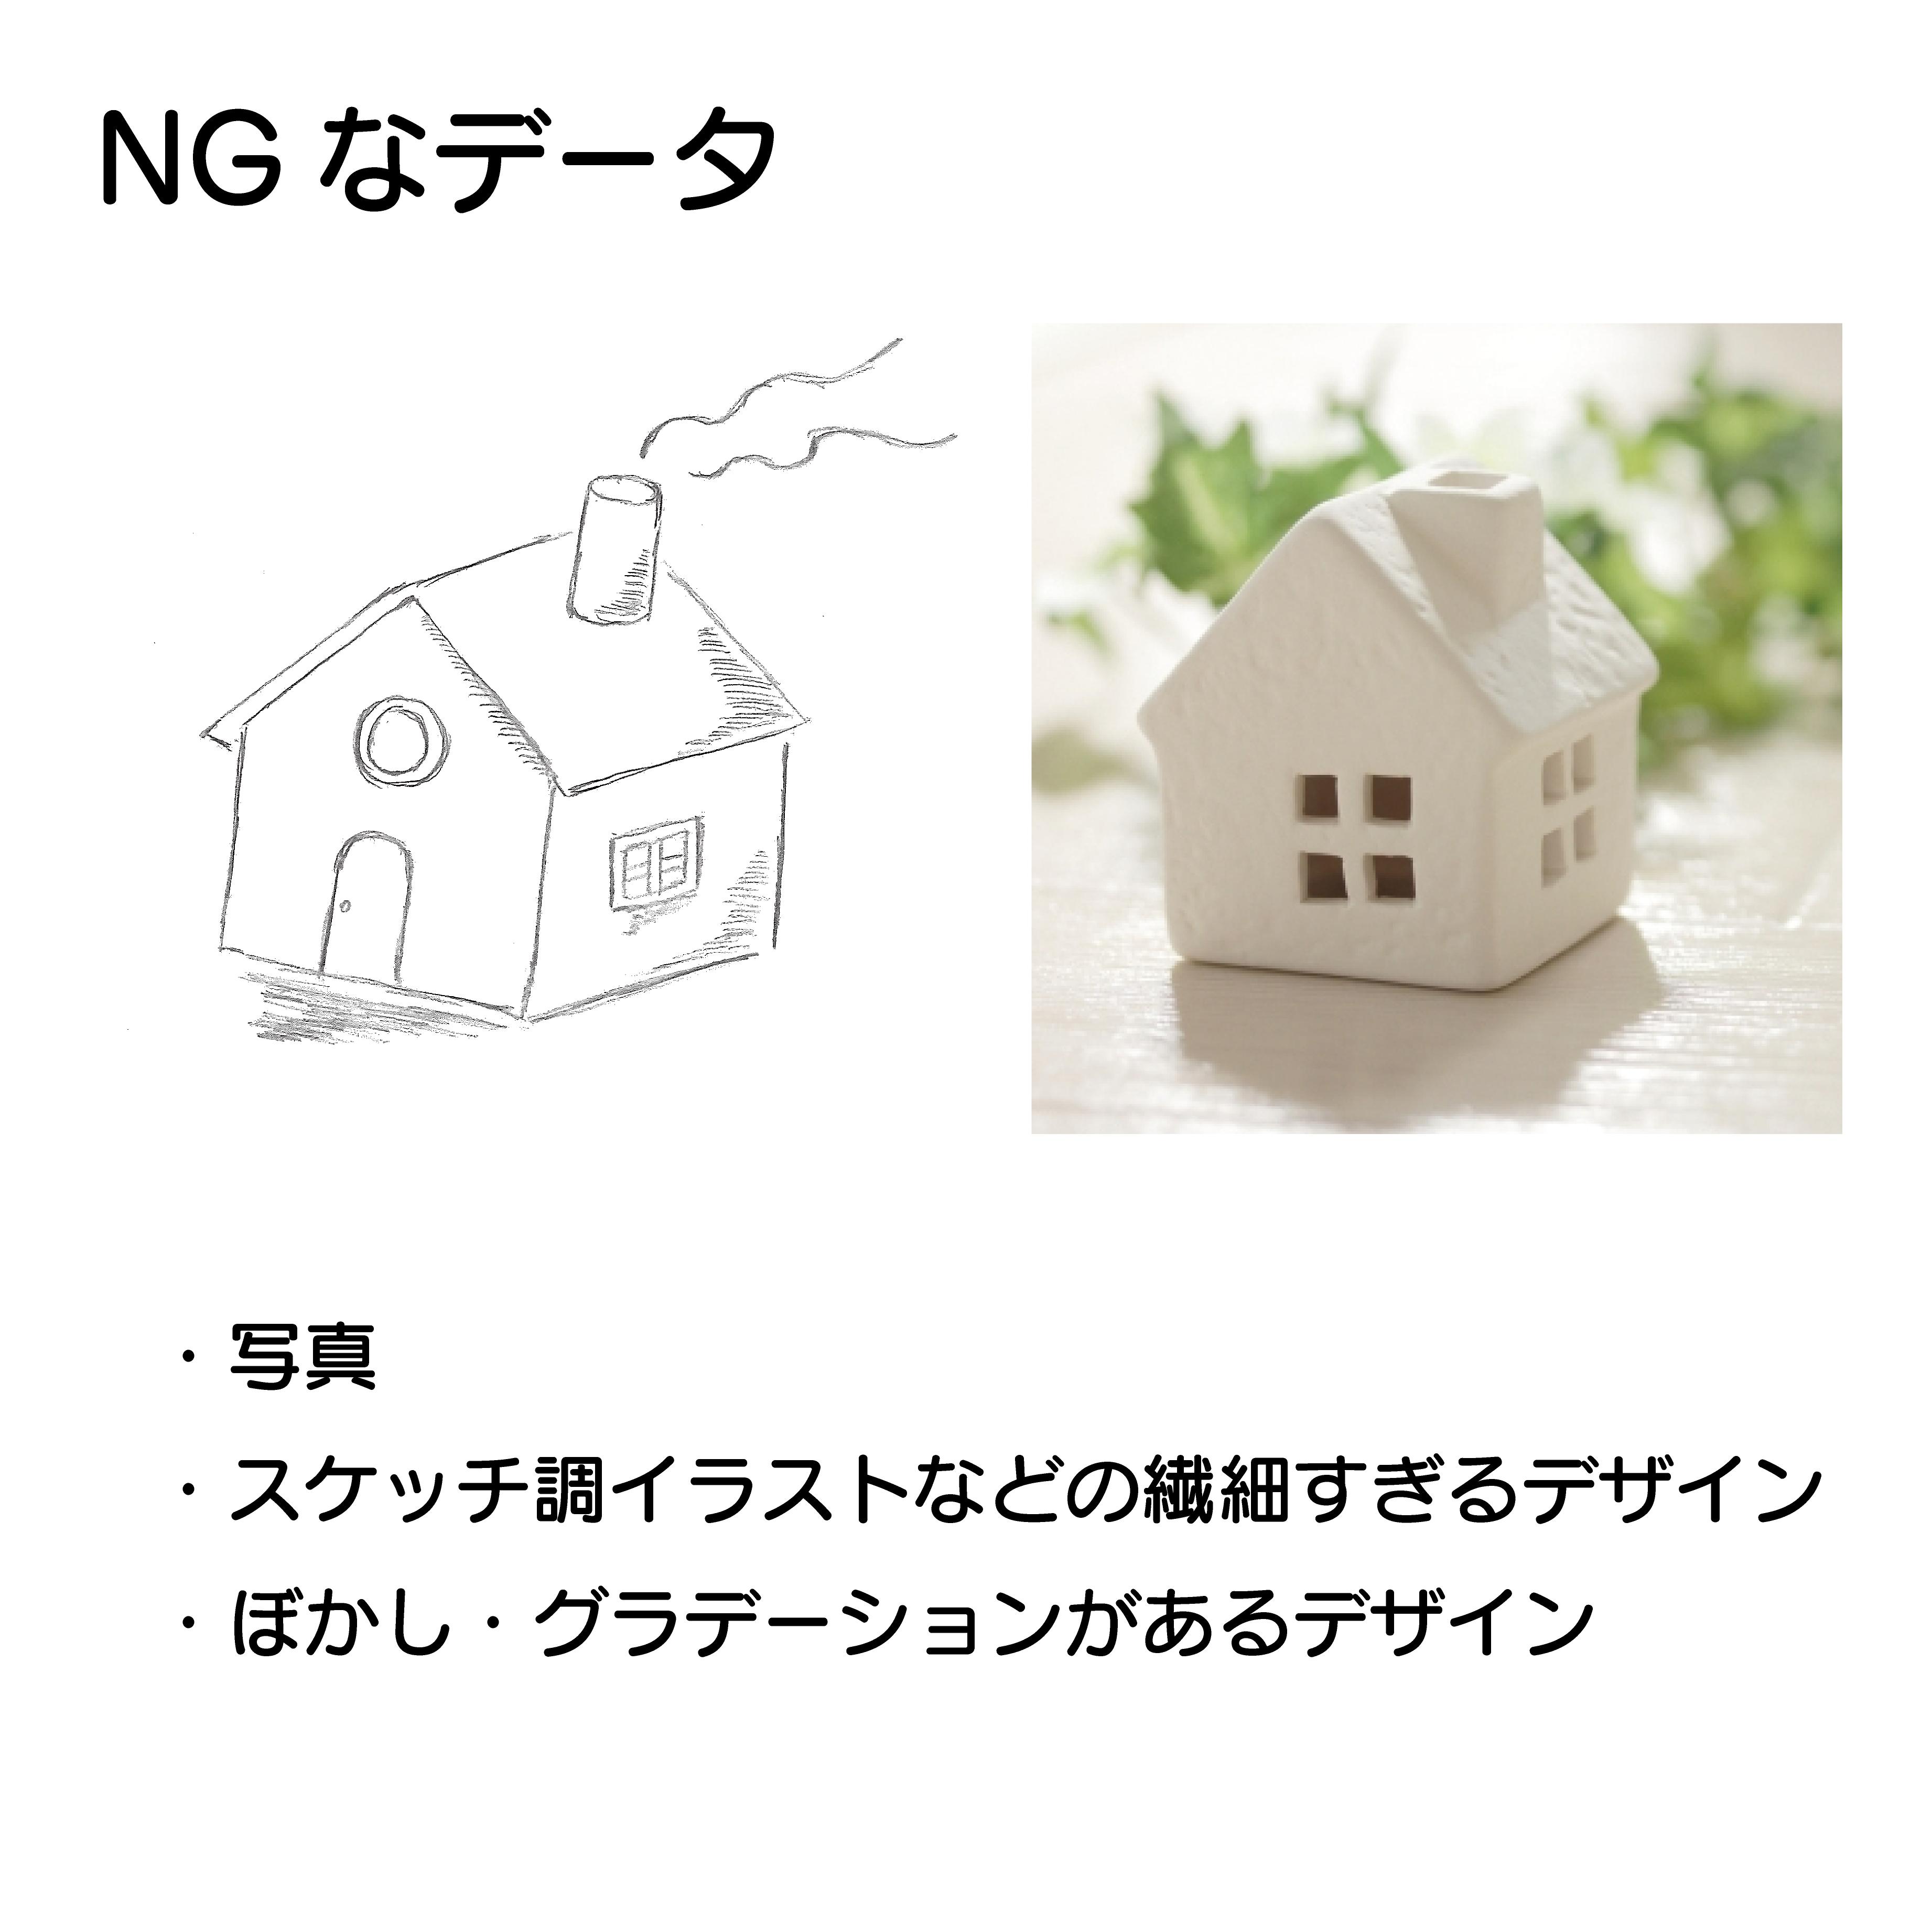 刺繍データ作成体験トートバック(小)込み(1,980円税込)